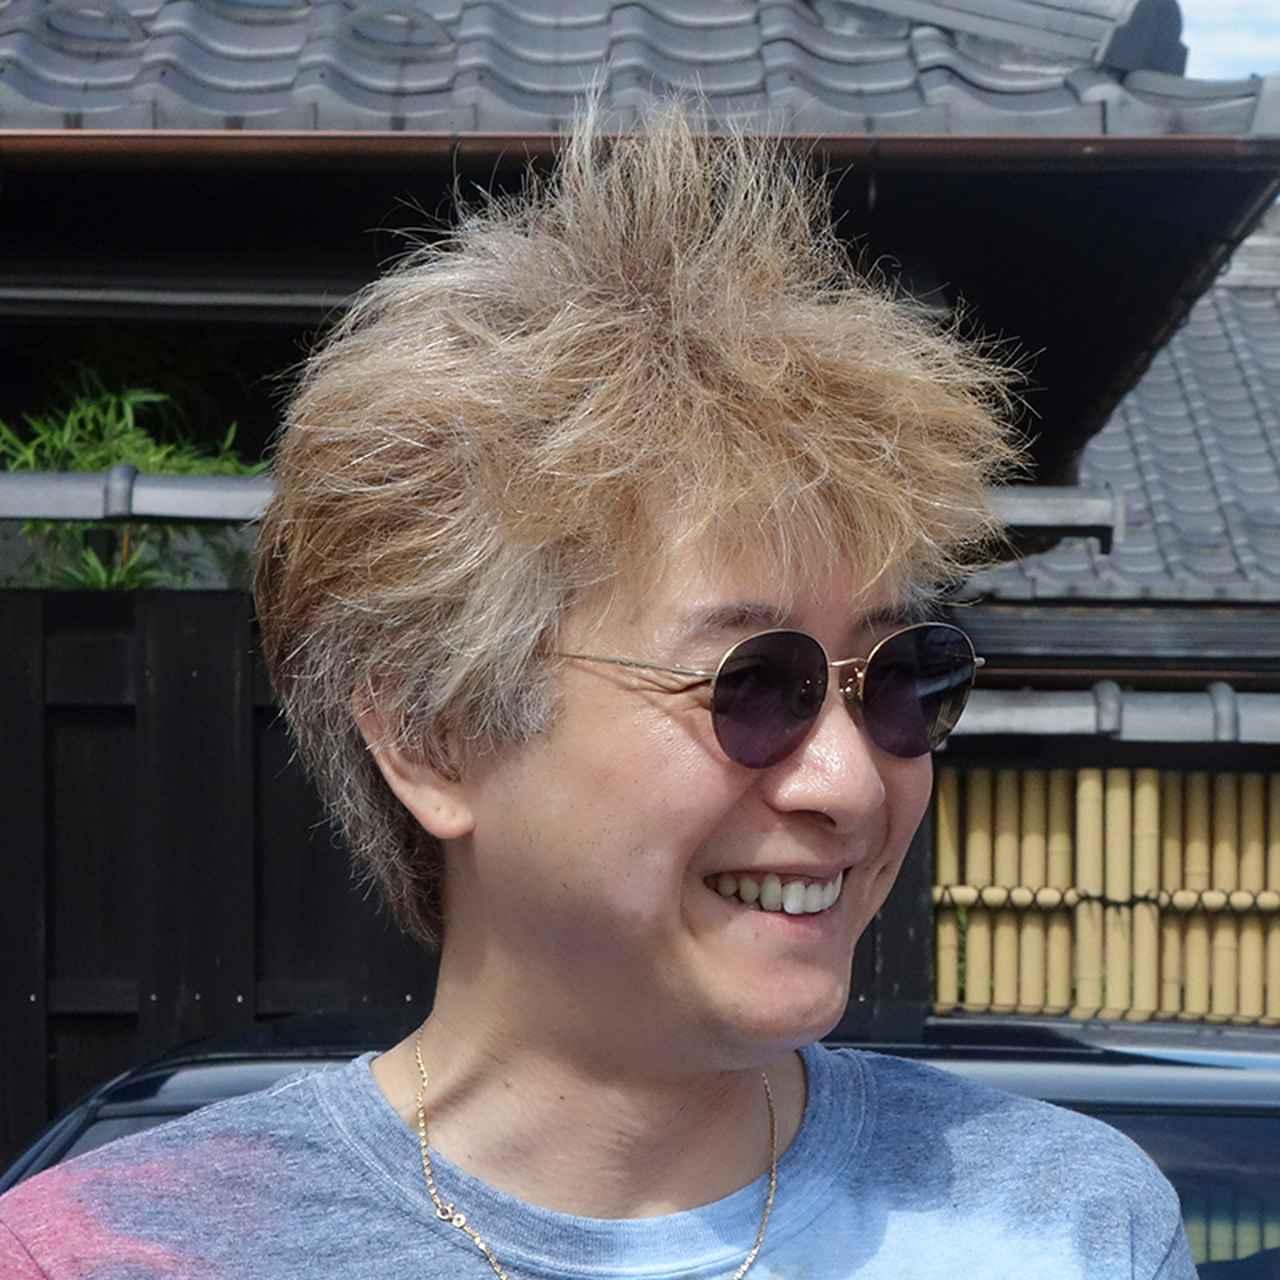 画像: 公益社団法人 日本写真家協会(JPS)会員。横浜市在住。写真教室や国内外の撮影ツアーの講師を務める。ライフワークとして、横浜の夕景夜景を写した写真展「横浜トワイライト」を2013年から開催している他、年間を通して様々な場所からのダイヤモンド富士を撮り続けている。表紙の写真は、月が富士山の山頂にかかるパール富士。